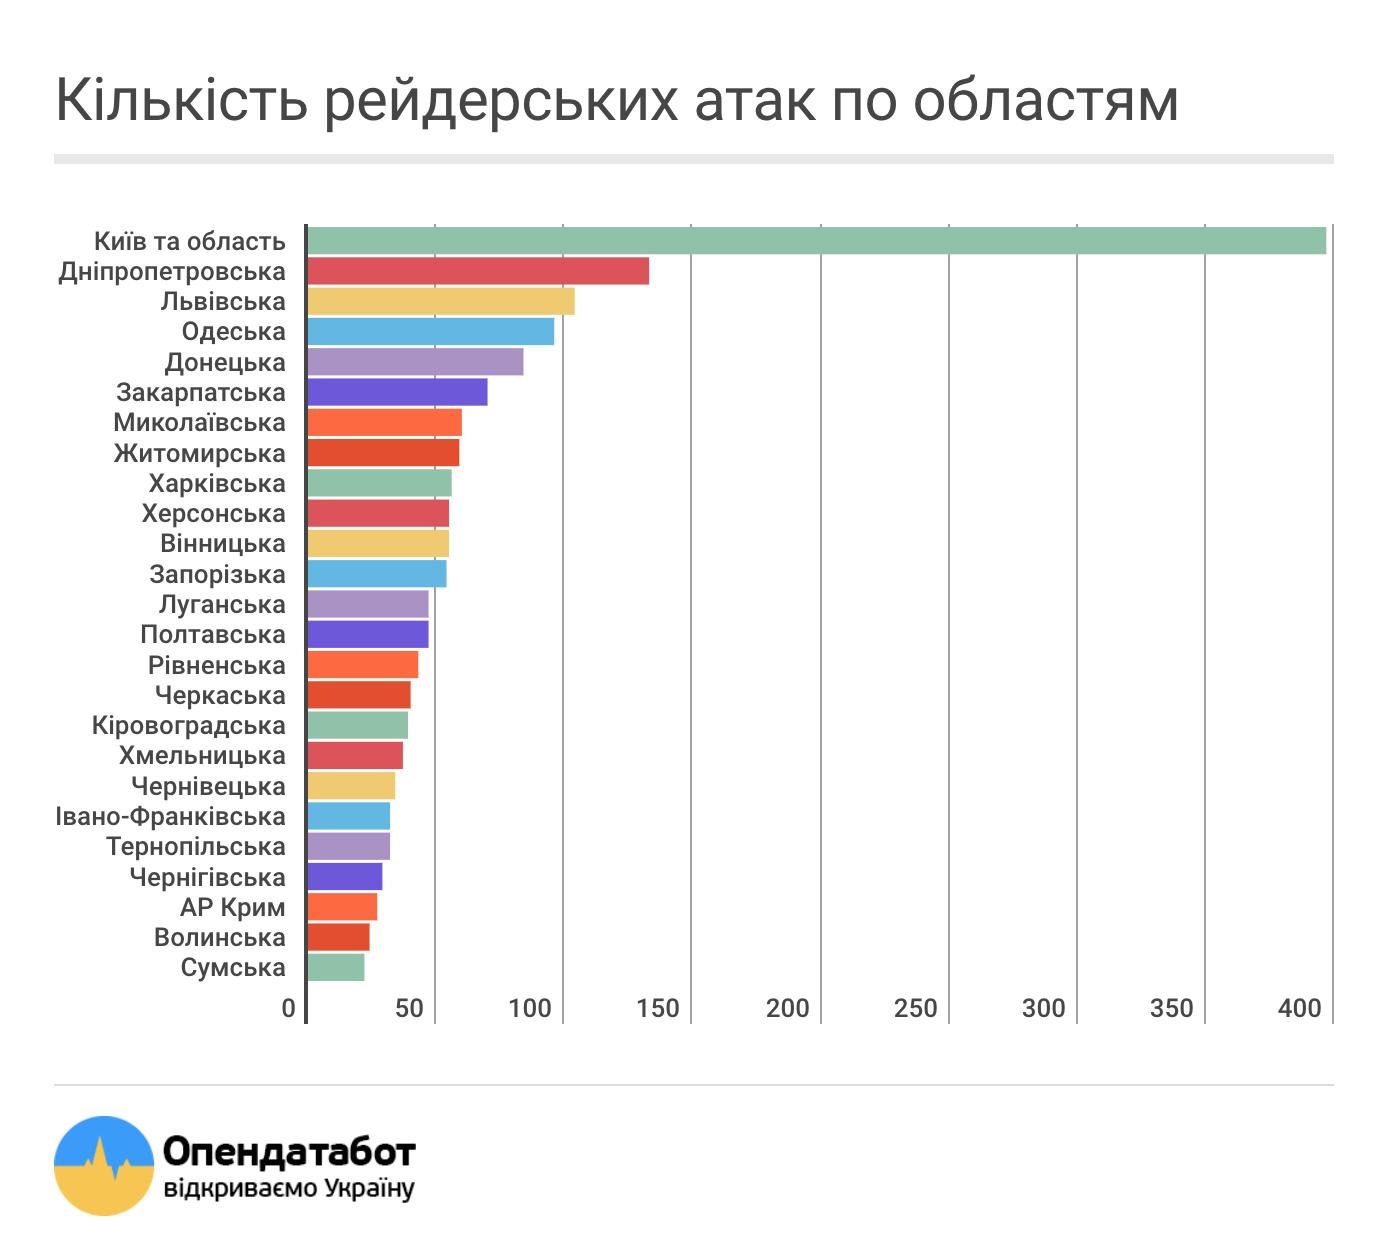 Львівщина в лідерах по кількості в рейдерських захопленнях